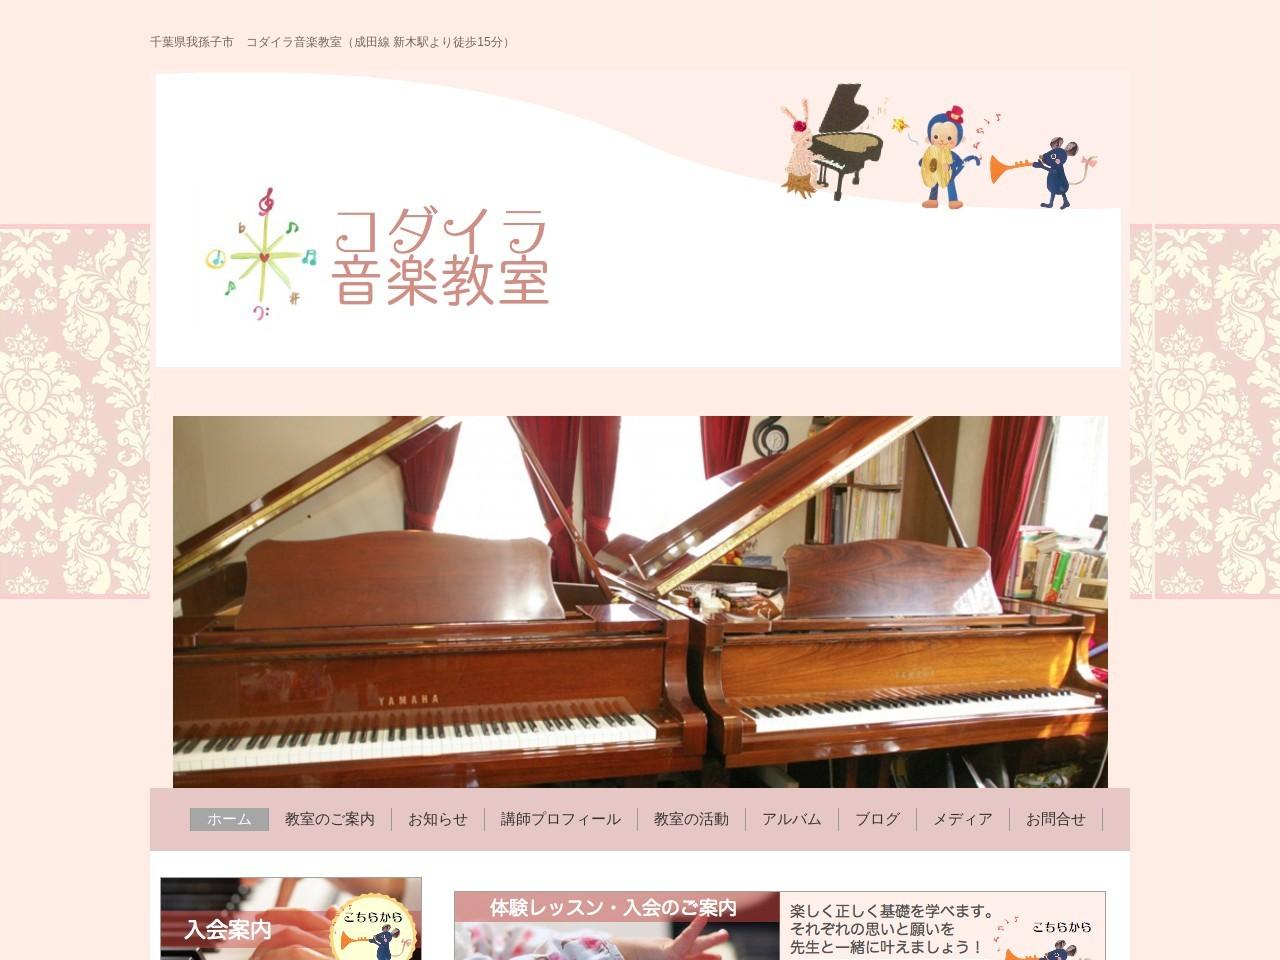 コダイラ音楽教室のサムネイル